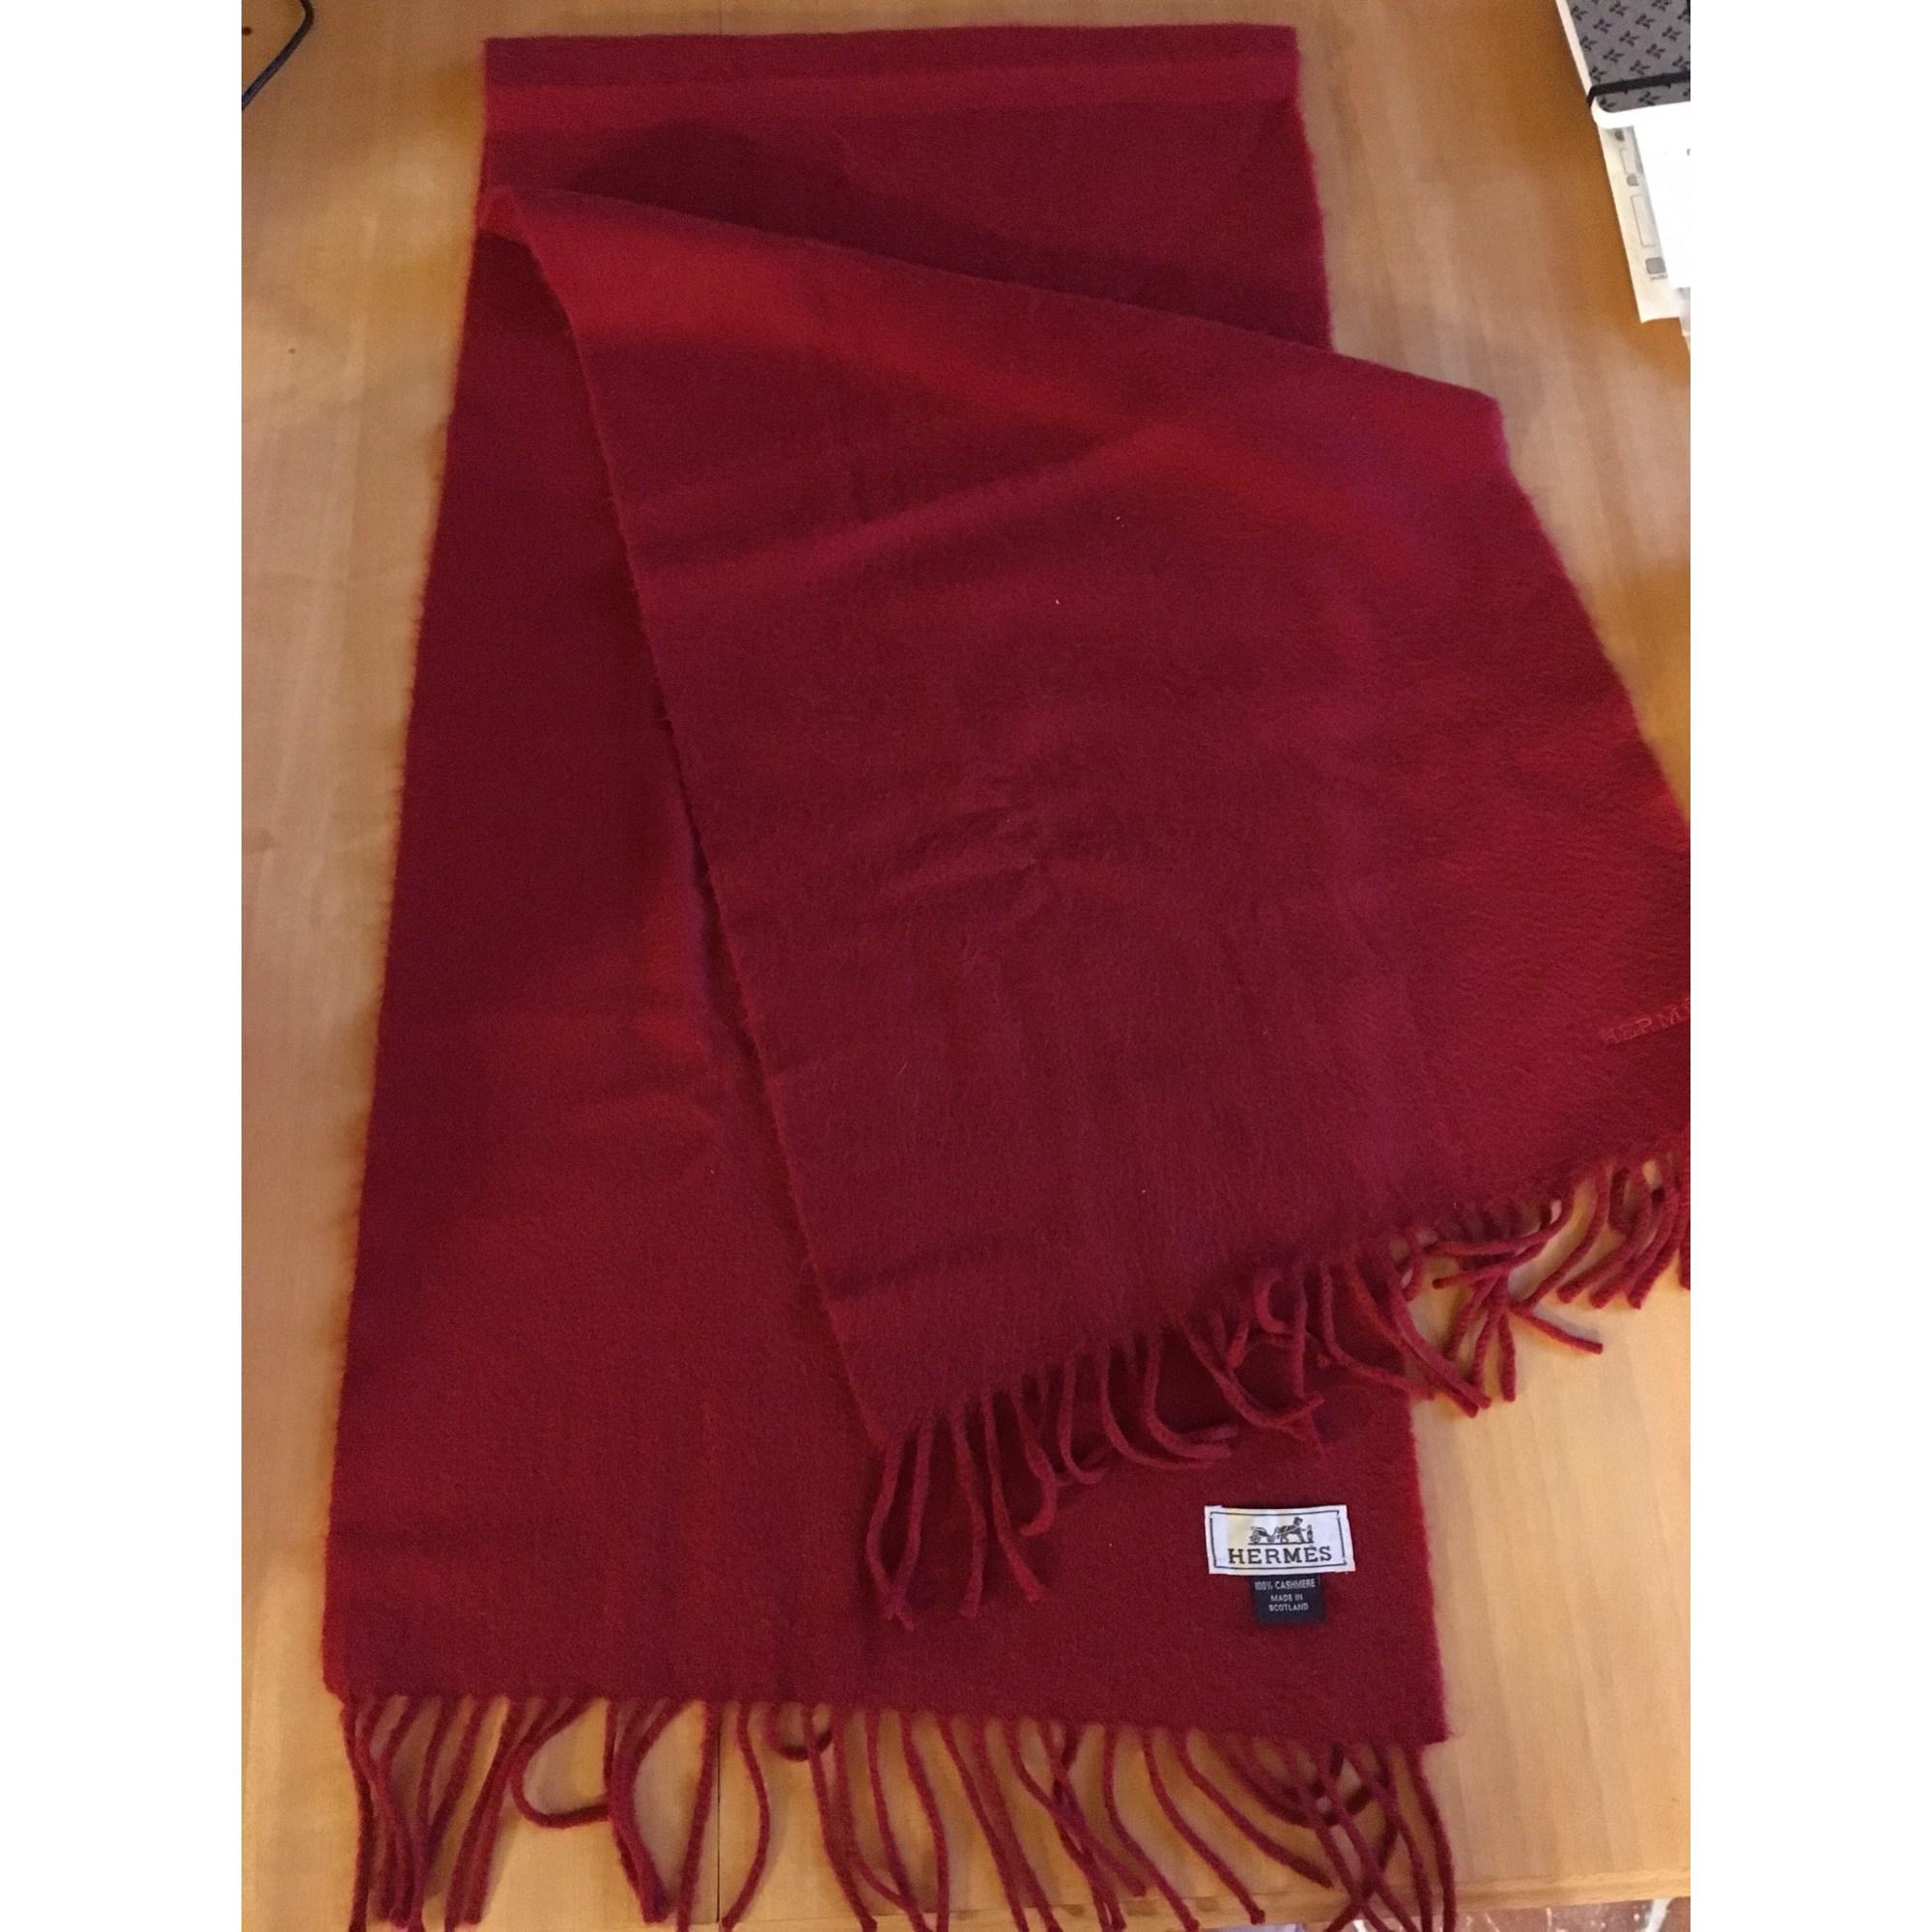 785033f1de1d Echarpe HERMÈS rouge vendu par Sandrine 5976 - 8070558